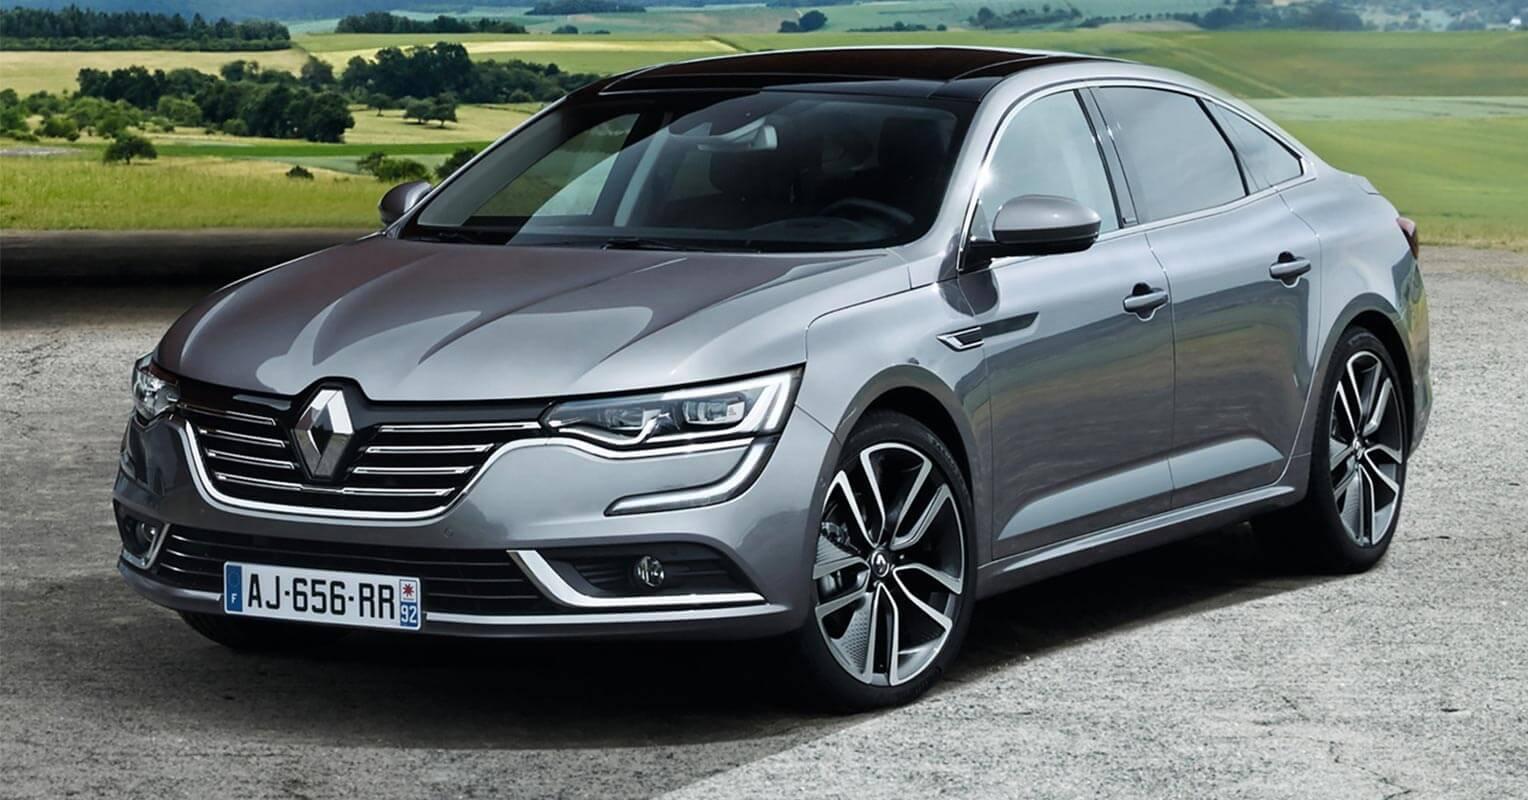 Los 8 rivales del Opel Insignia Grand Sport - Renault Talisman